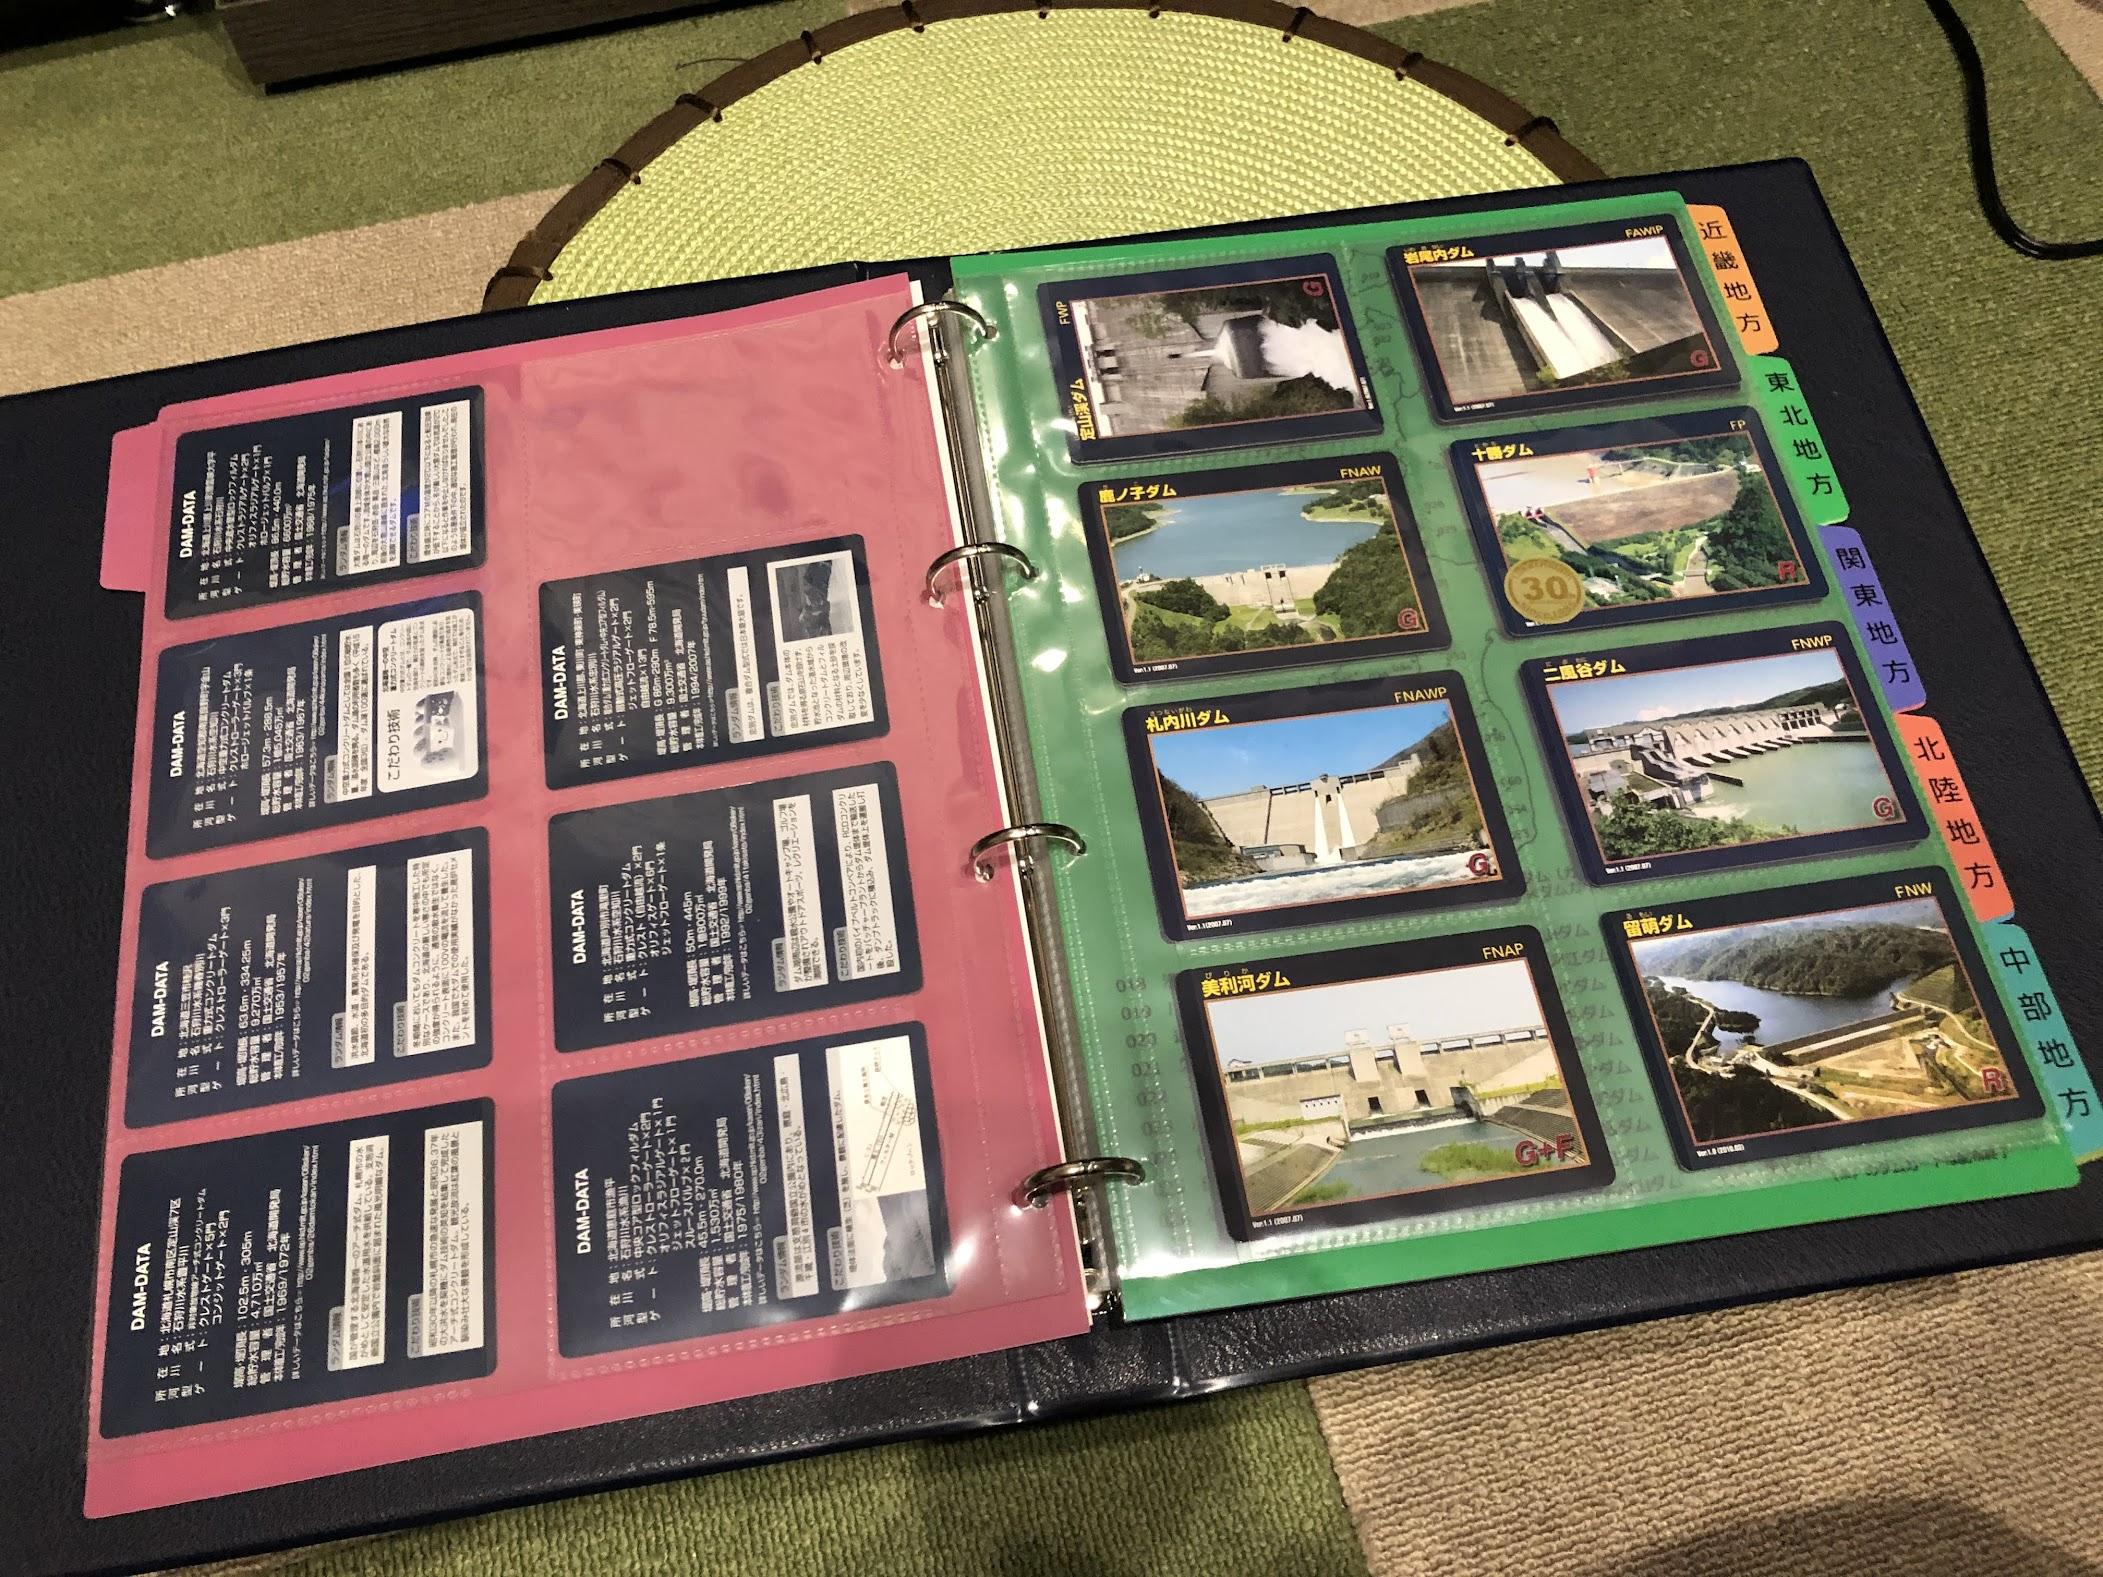 ダムカードを保管するバインダーを買ってみよう(テージー ダムカード コレクションファイル DC-324)